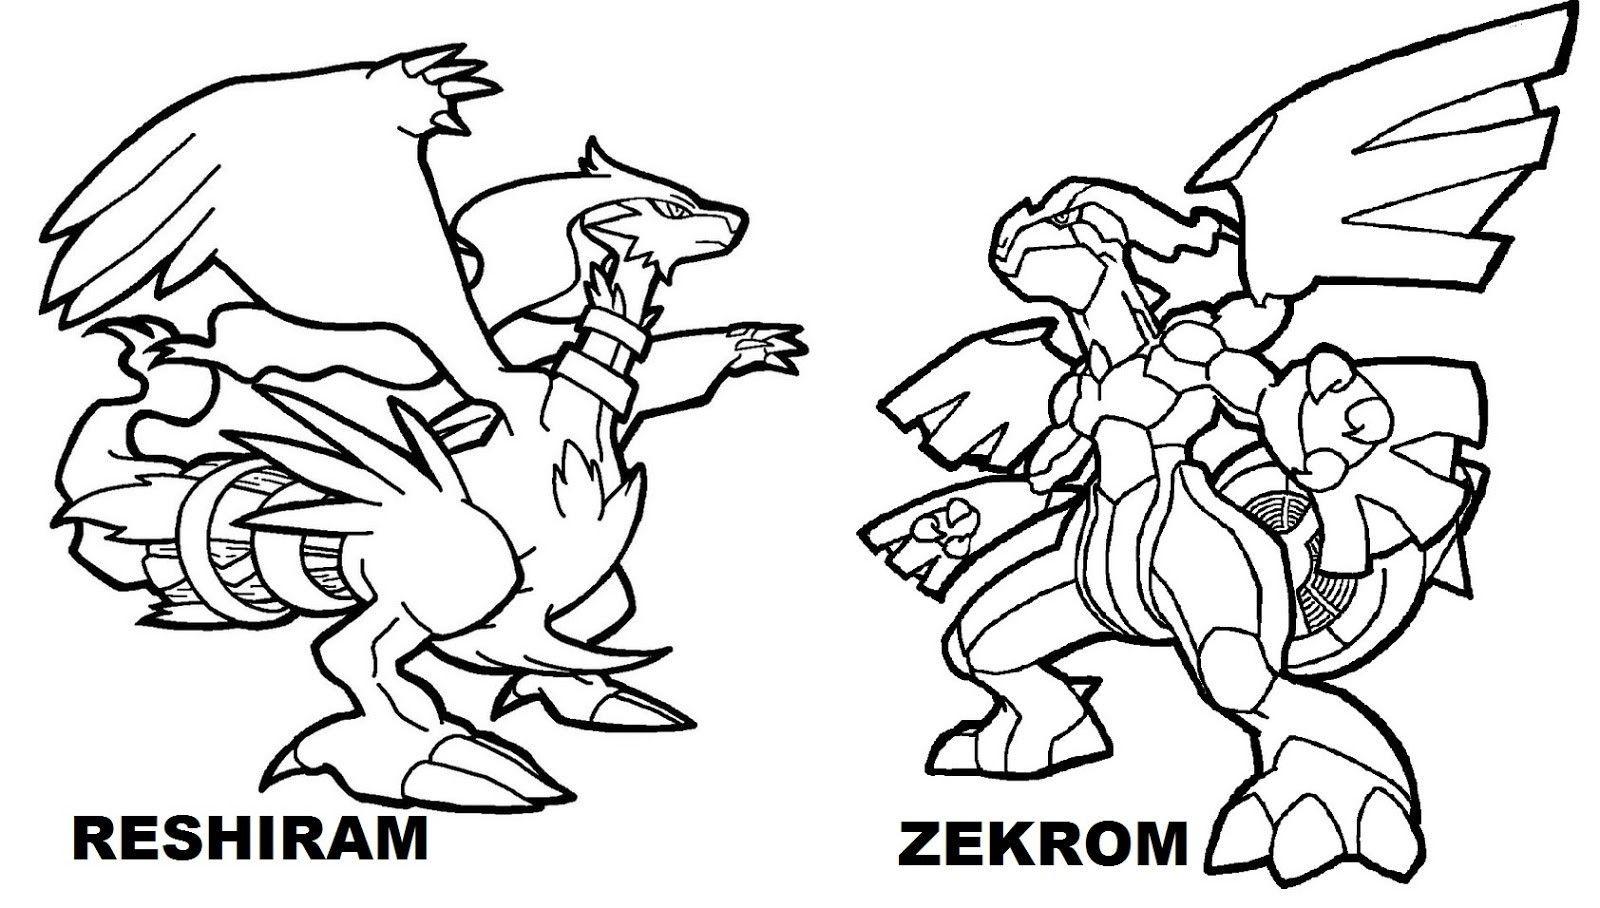 Zekrom and Reshiram